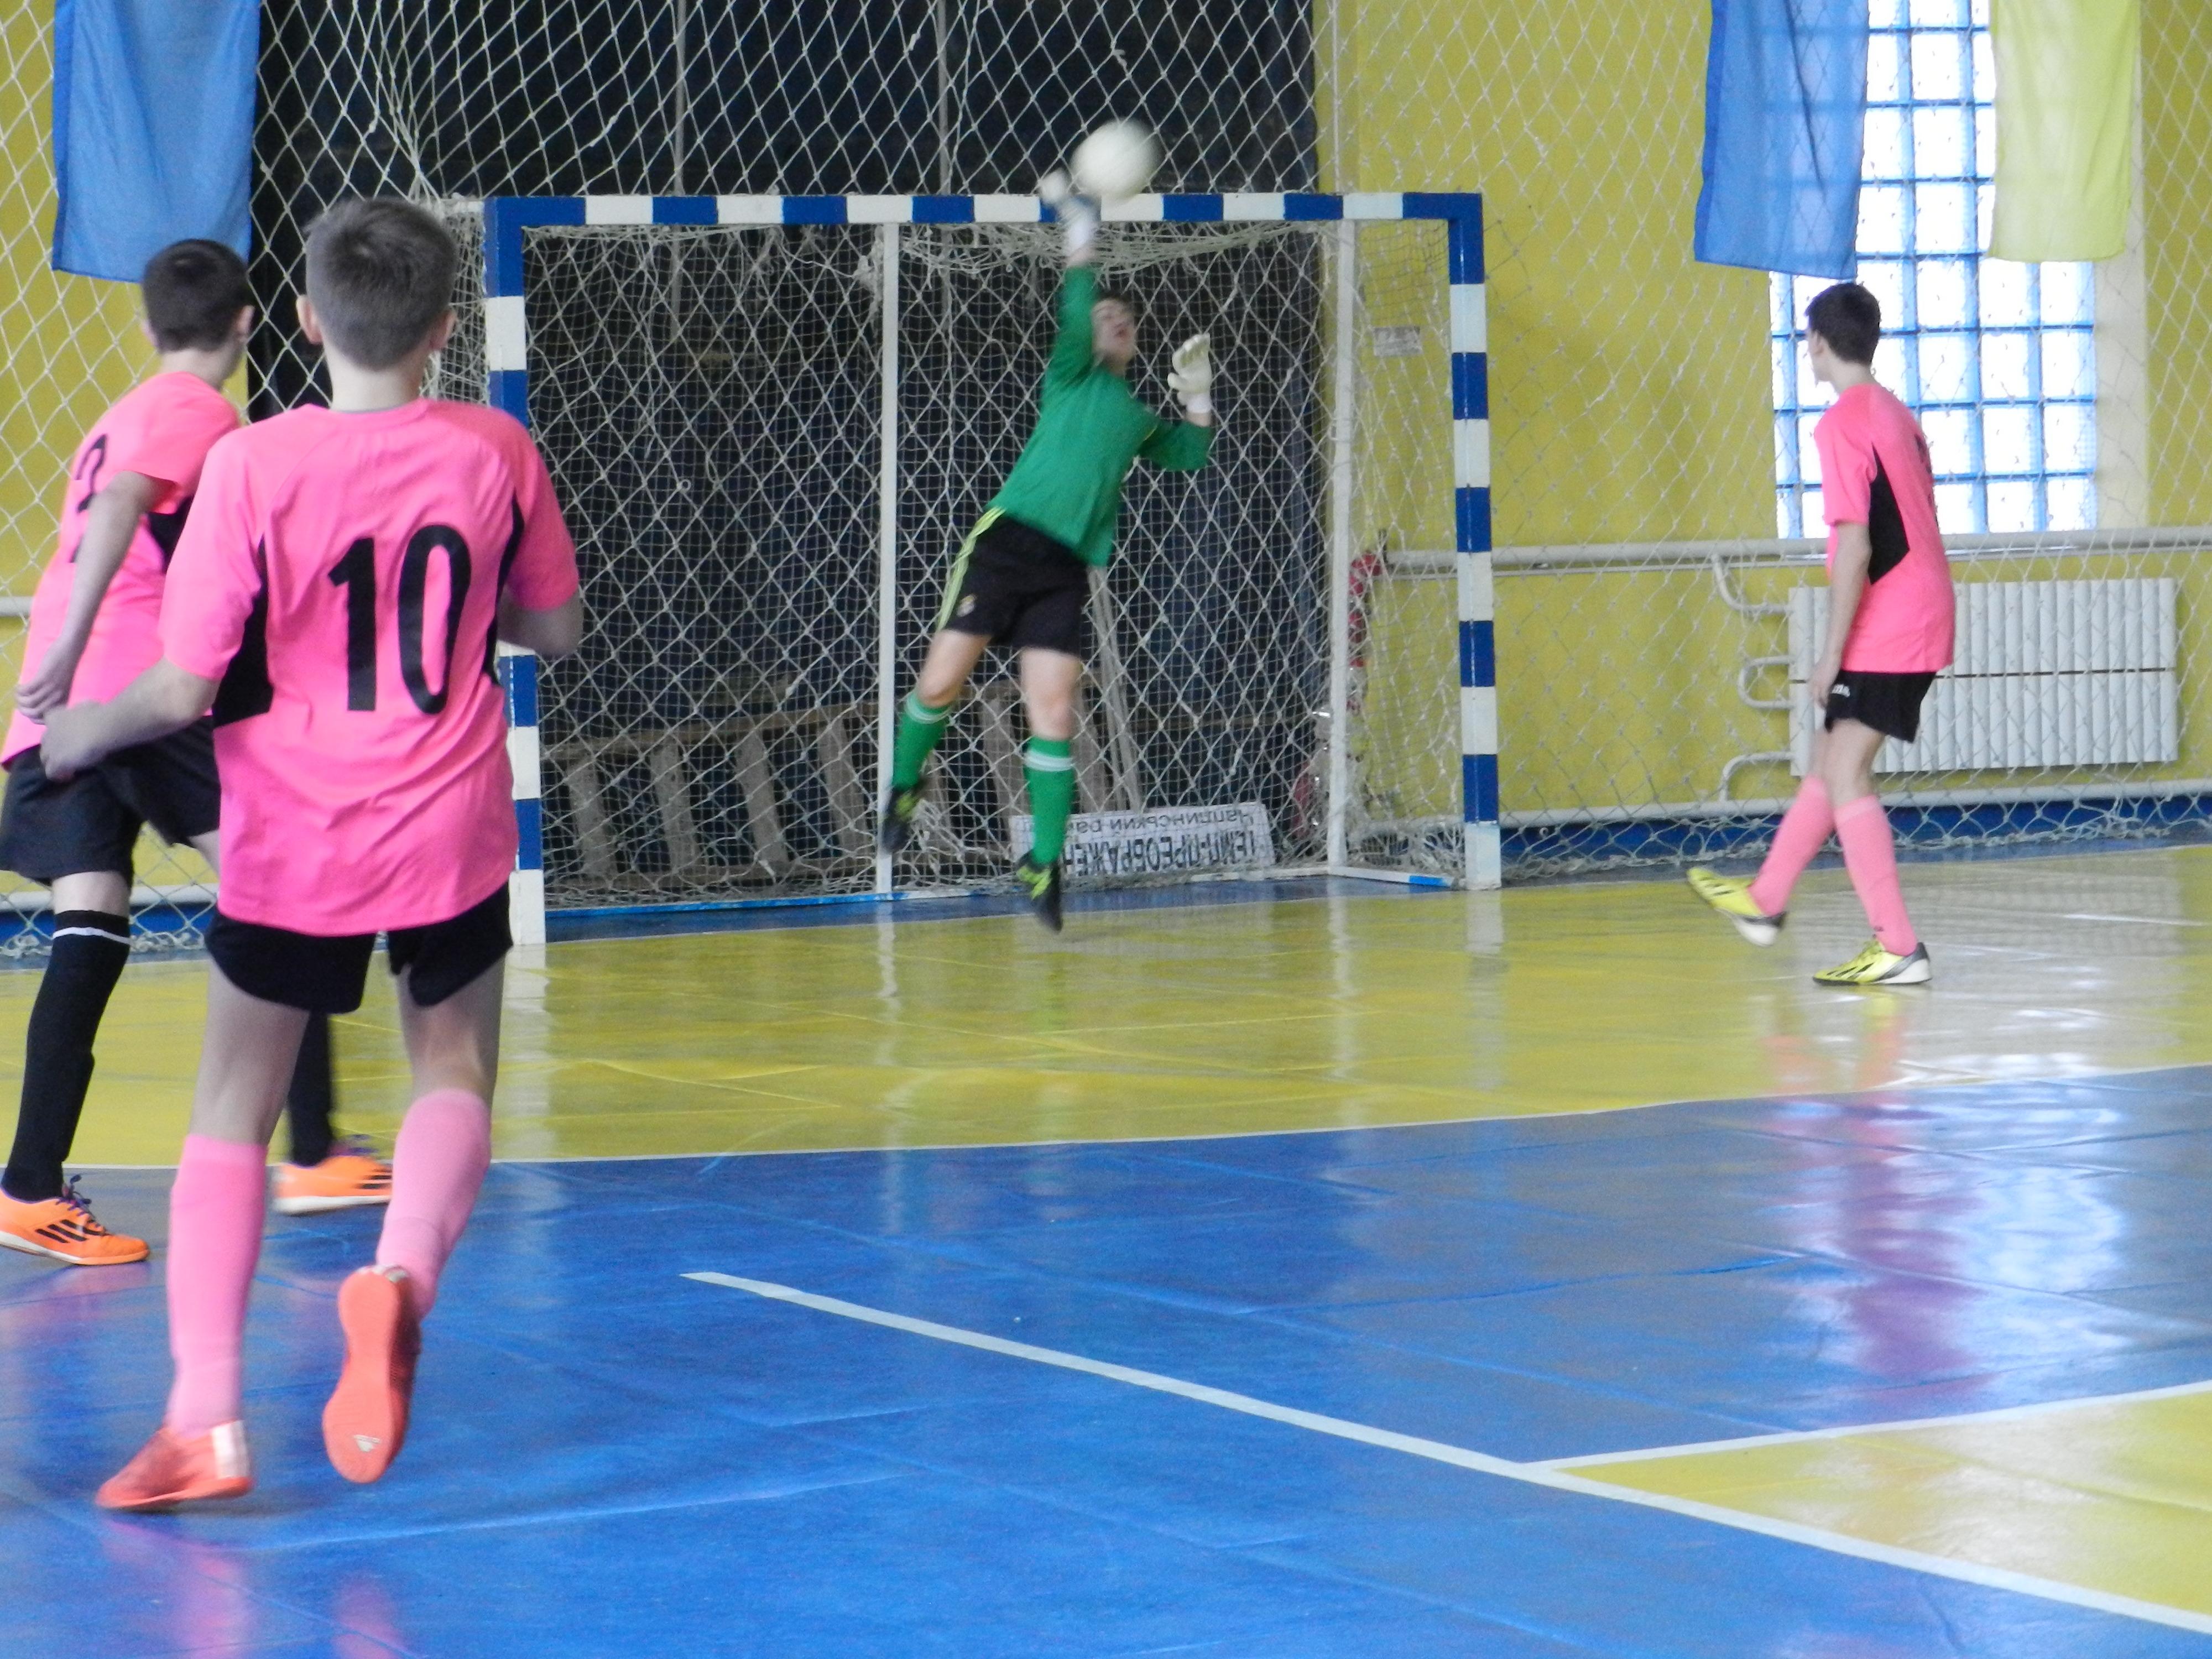 «Освіта-02» стала чемпіоном області з футзалу 2015/2016 року серед команд юнаків 2002/2003 років народження